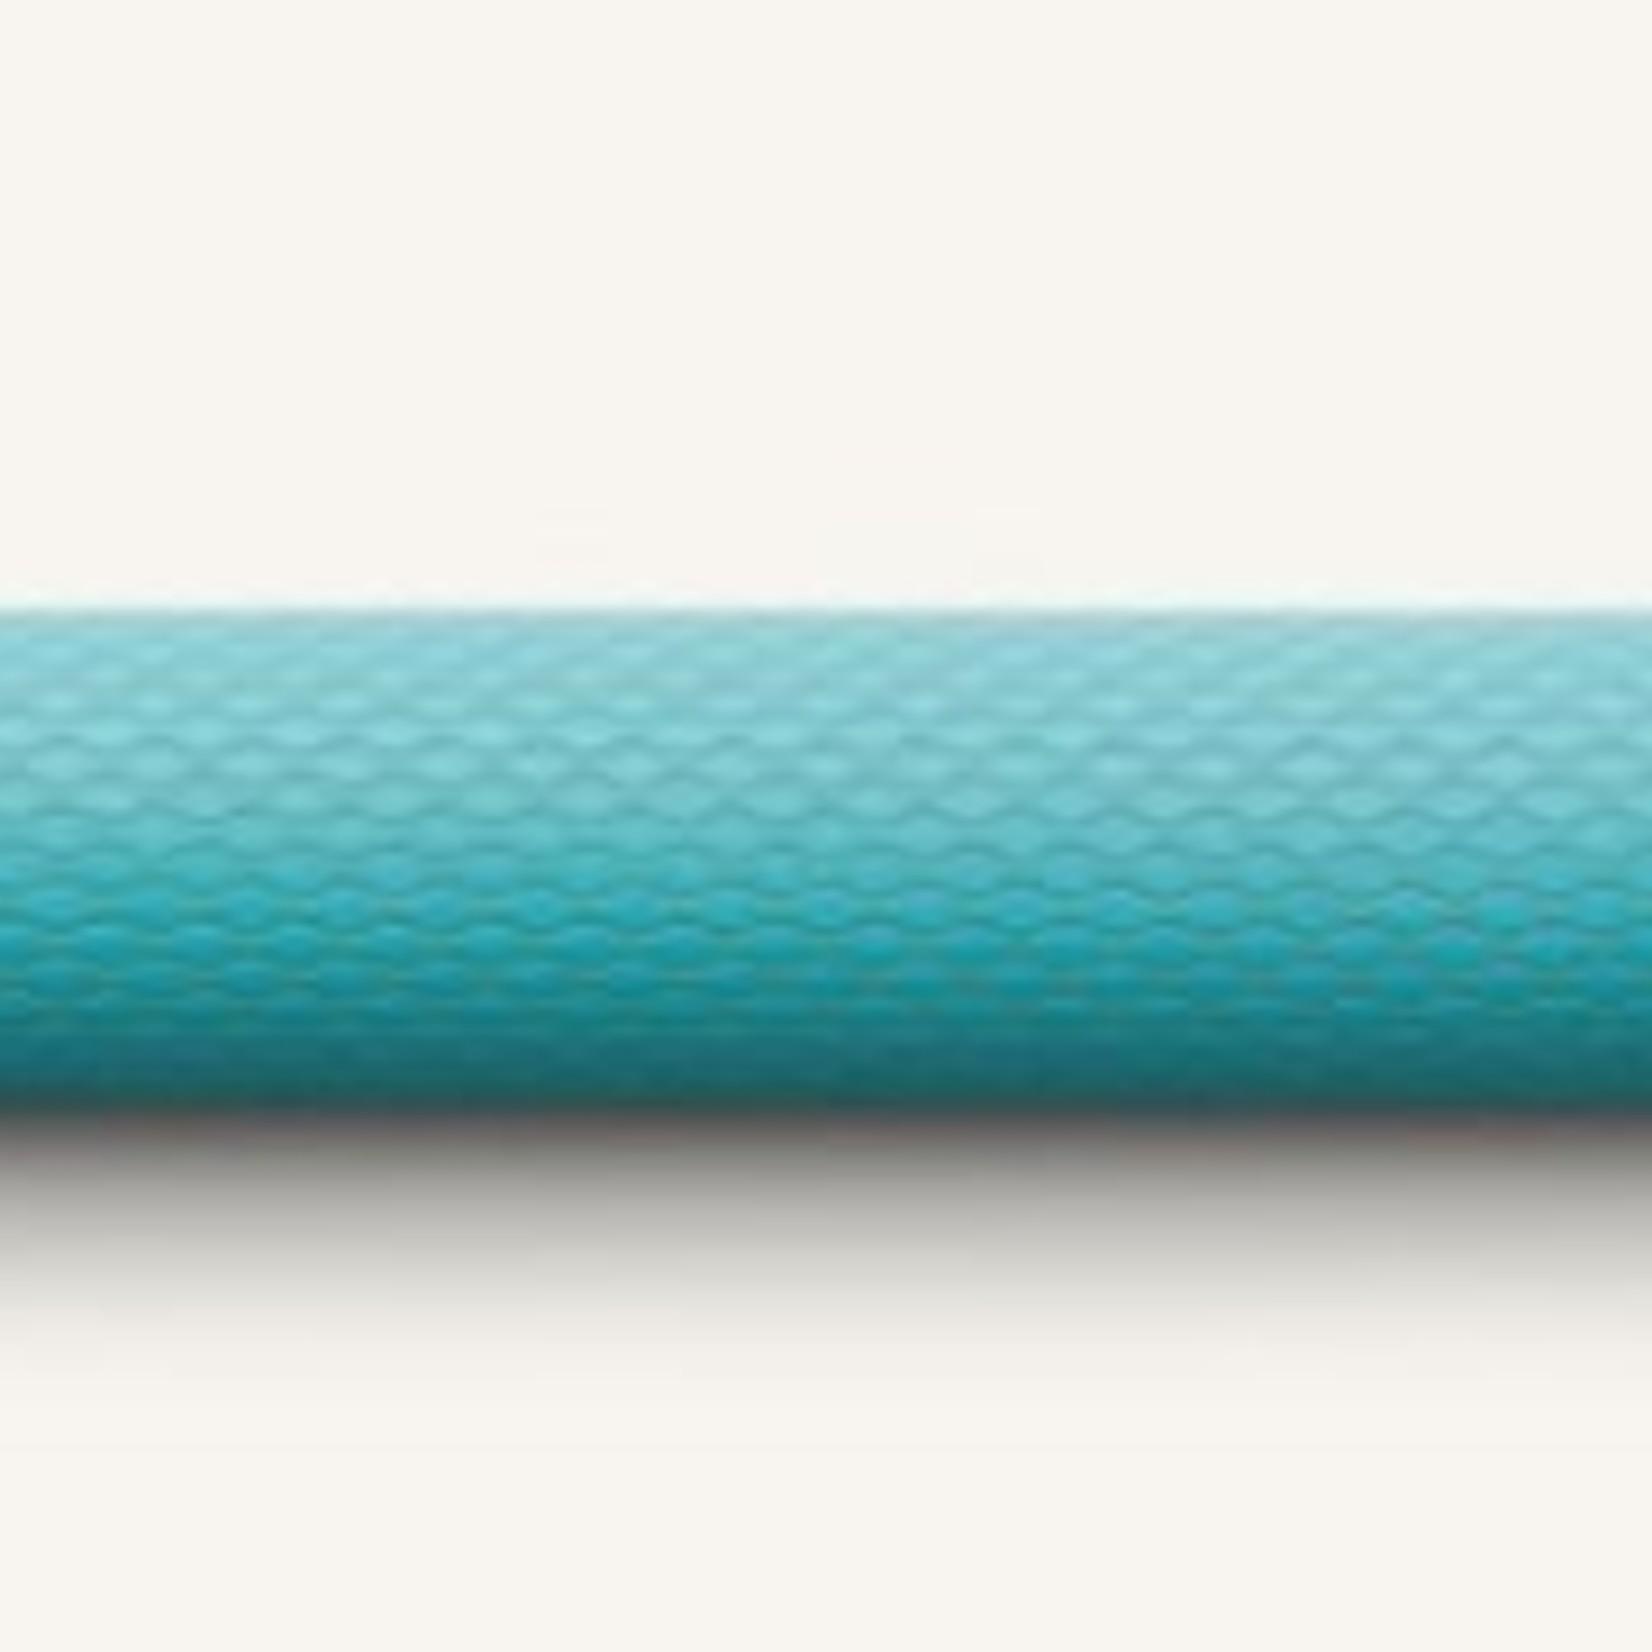 Faber-Castell Kugelschreiber Farbwelten Guilloche Turquoise